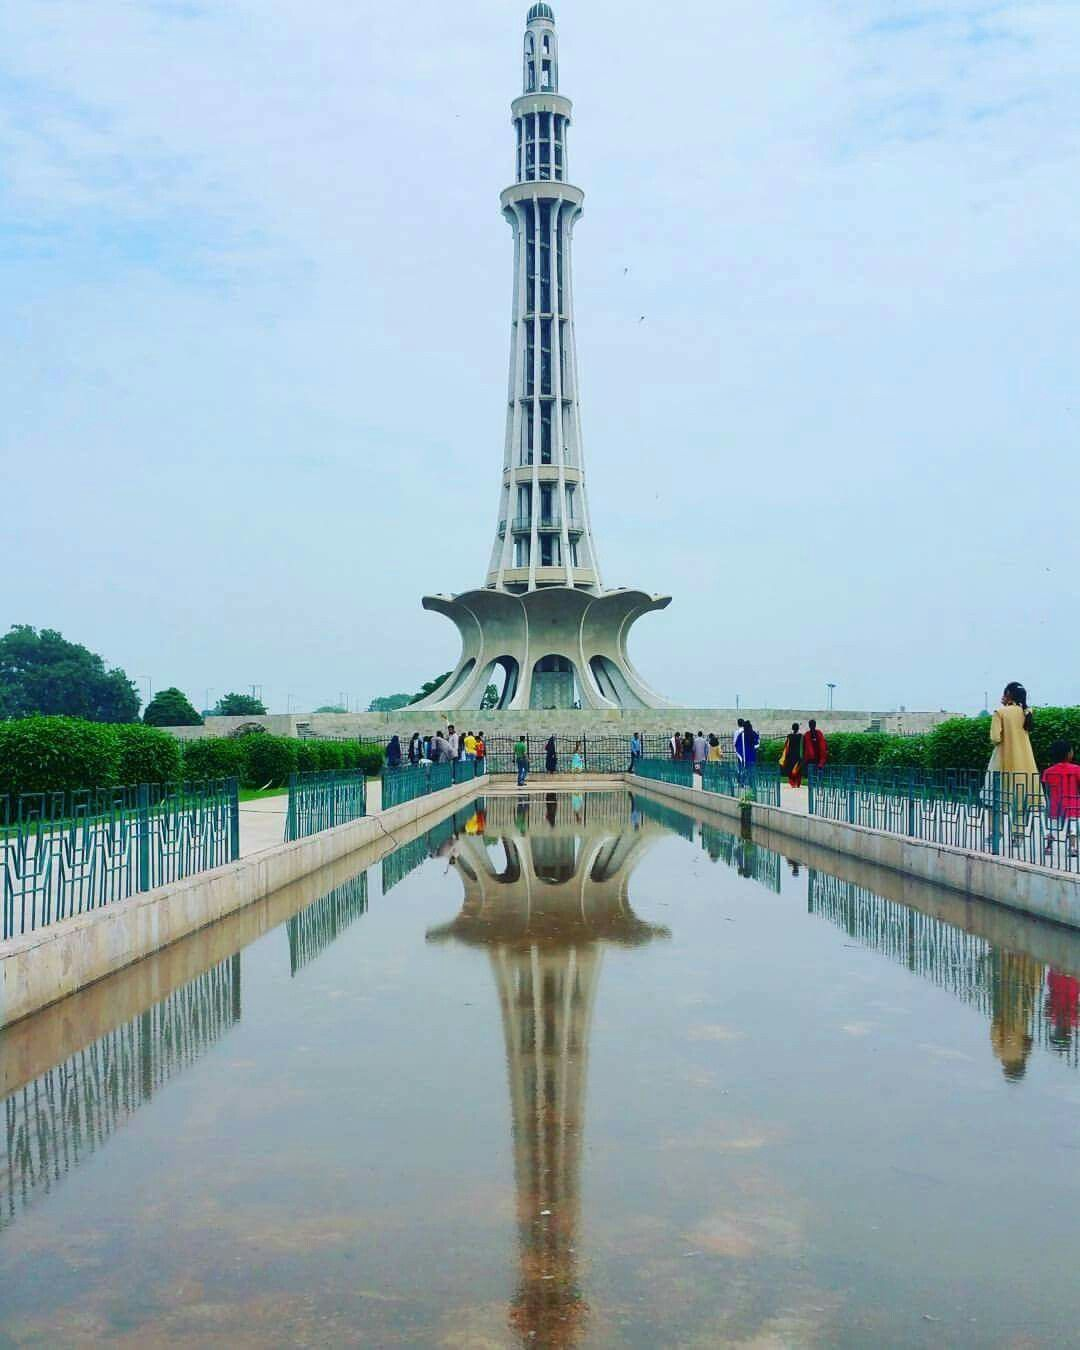 Minar e Pakistan Lahore Pakistan